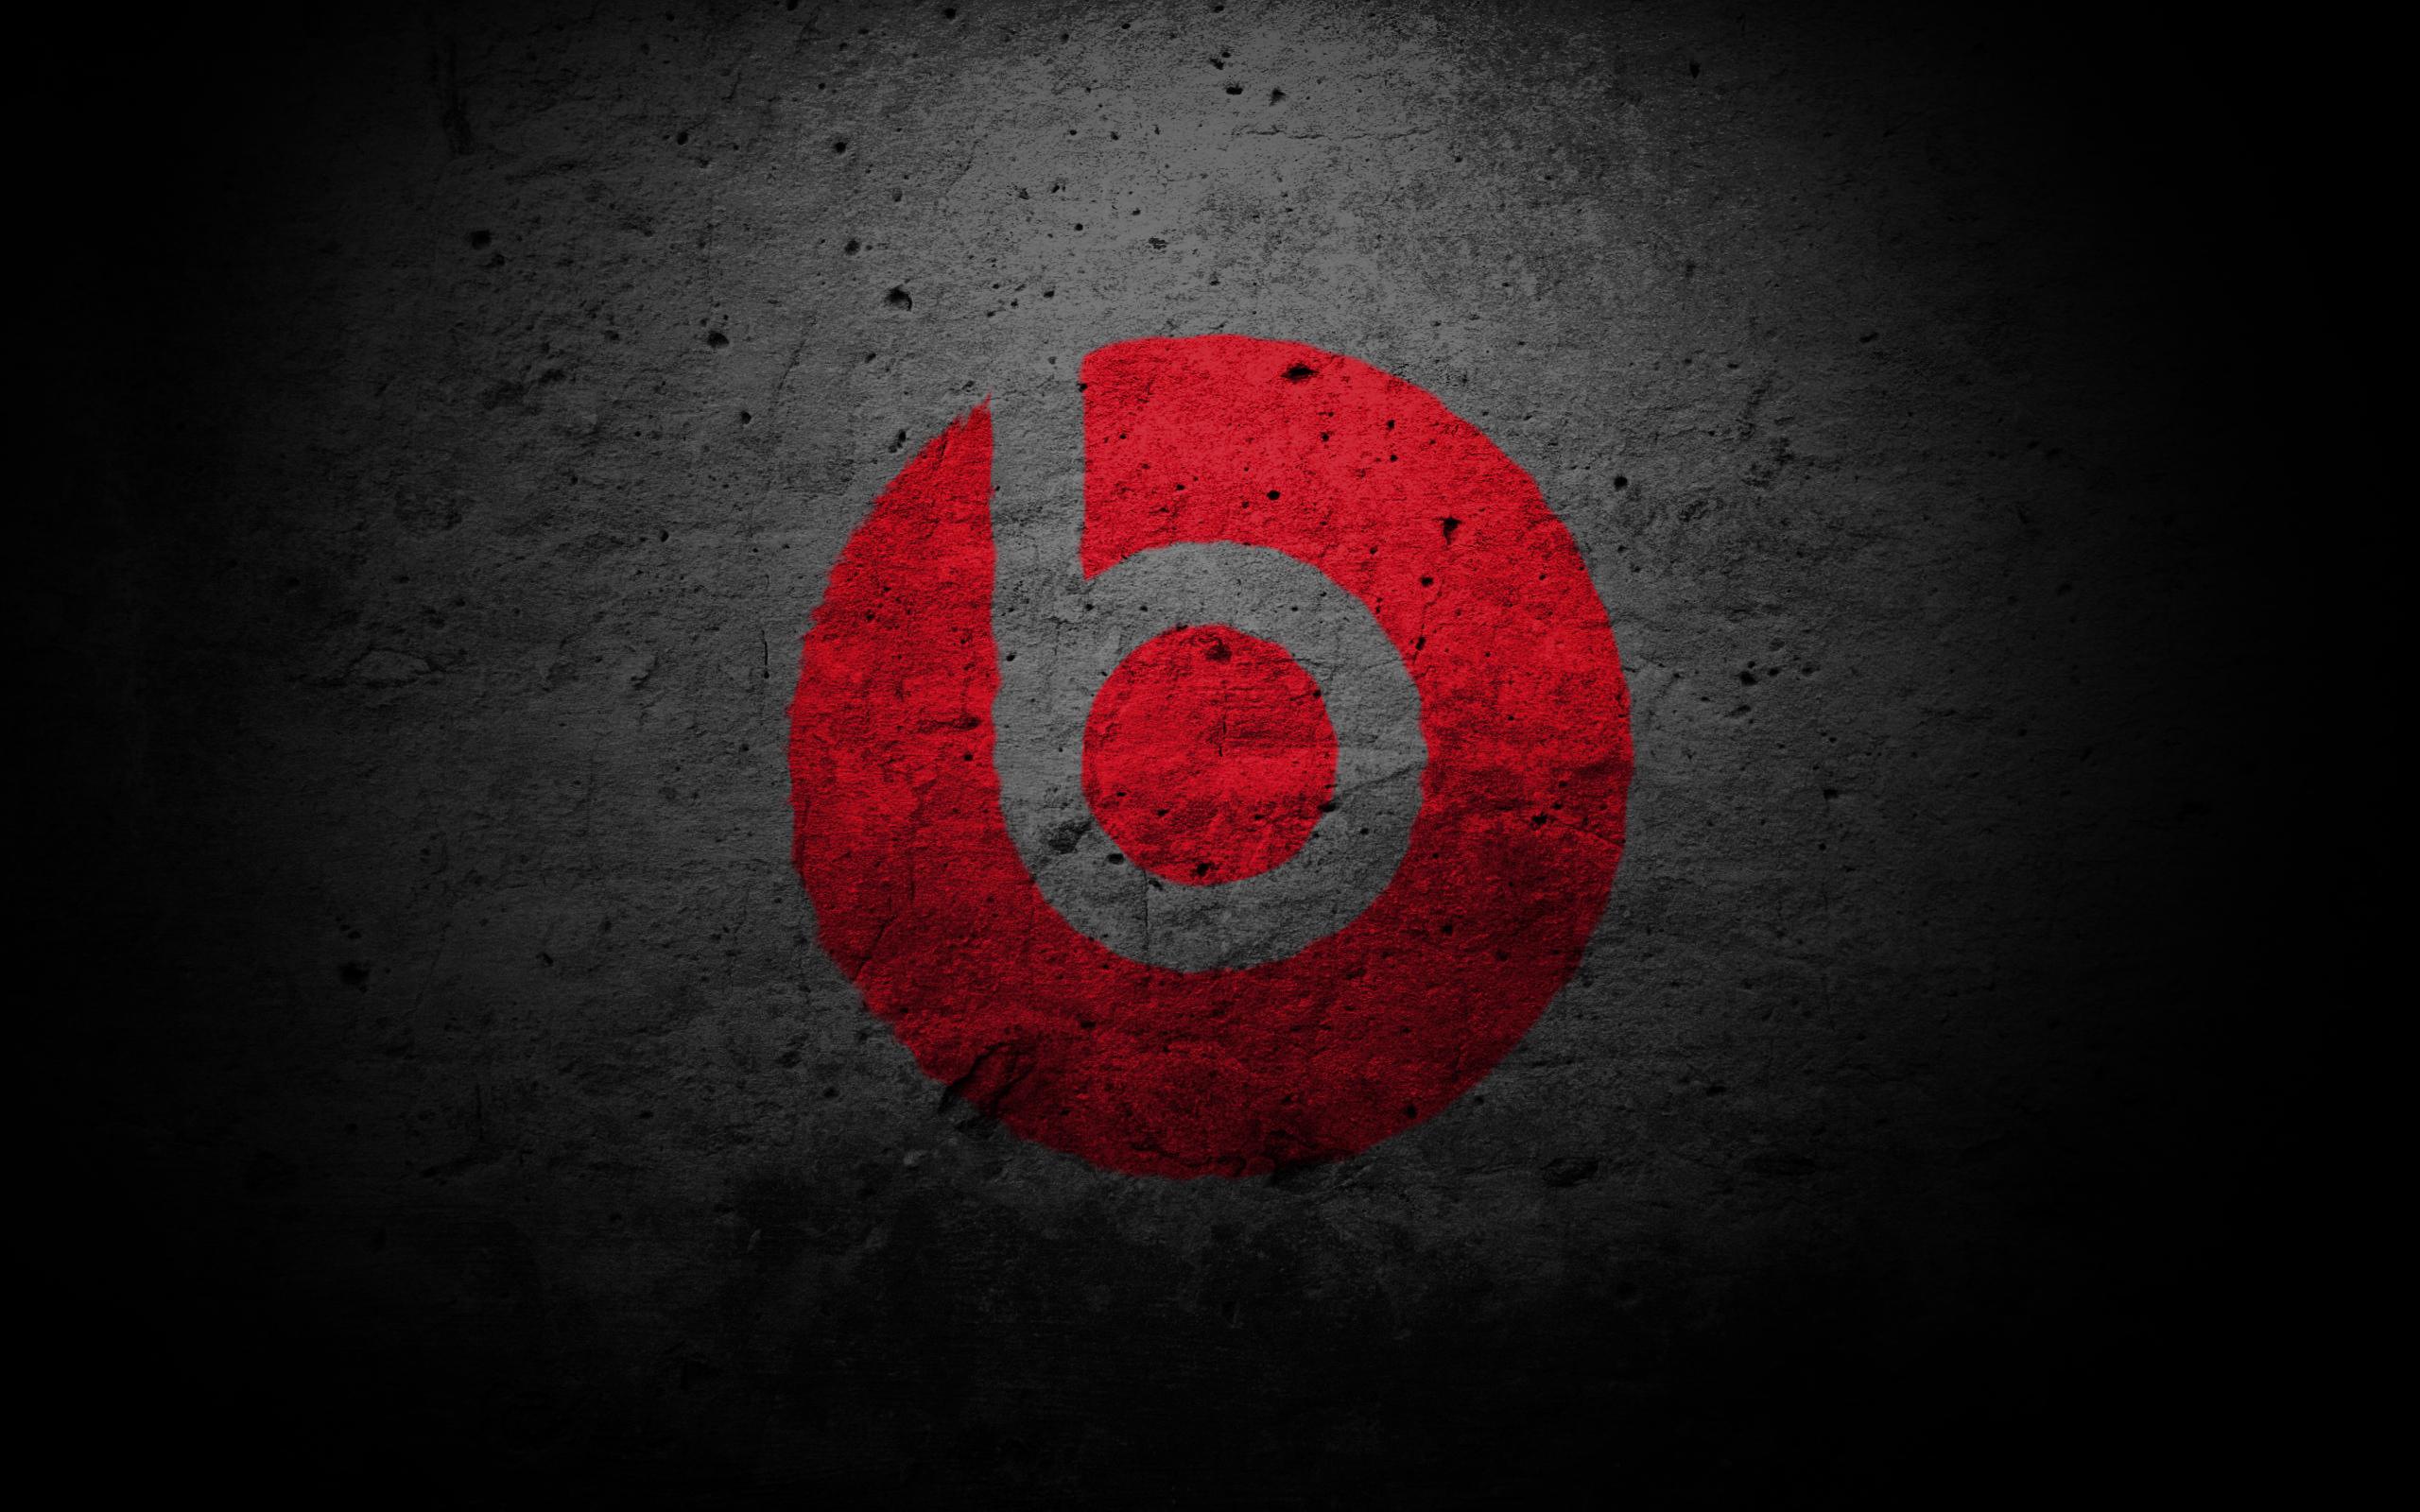 Beats Audio Wallpaper